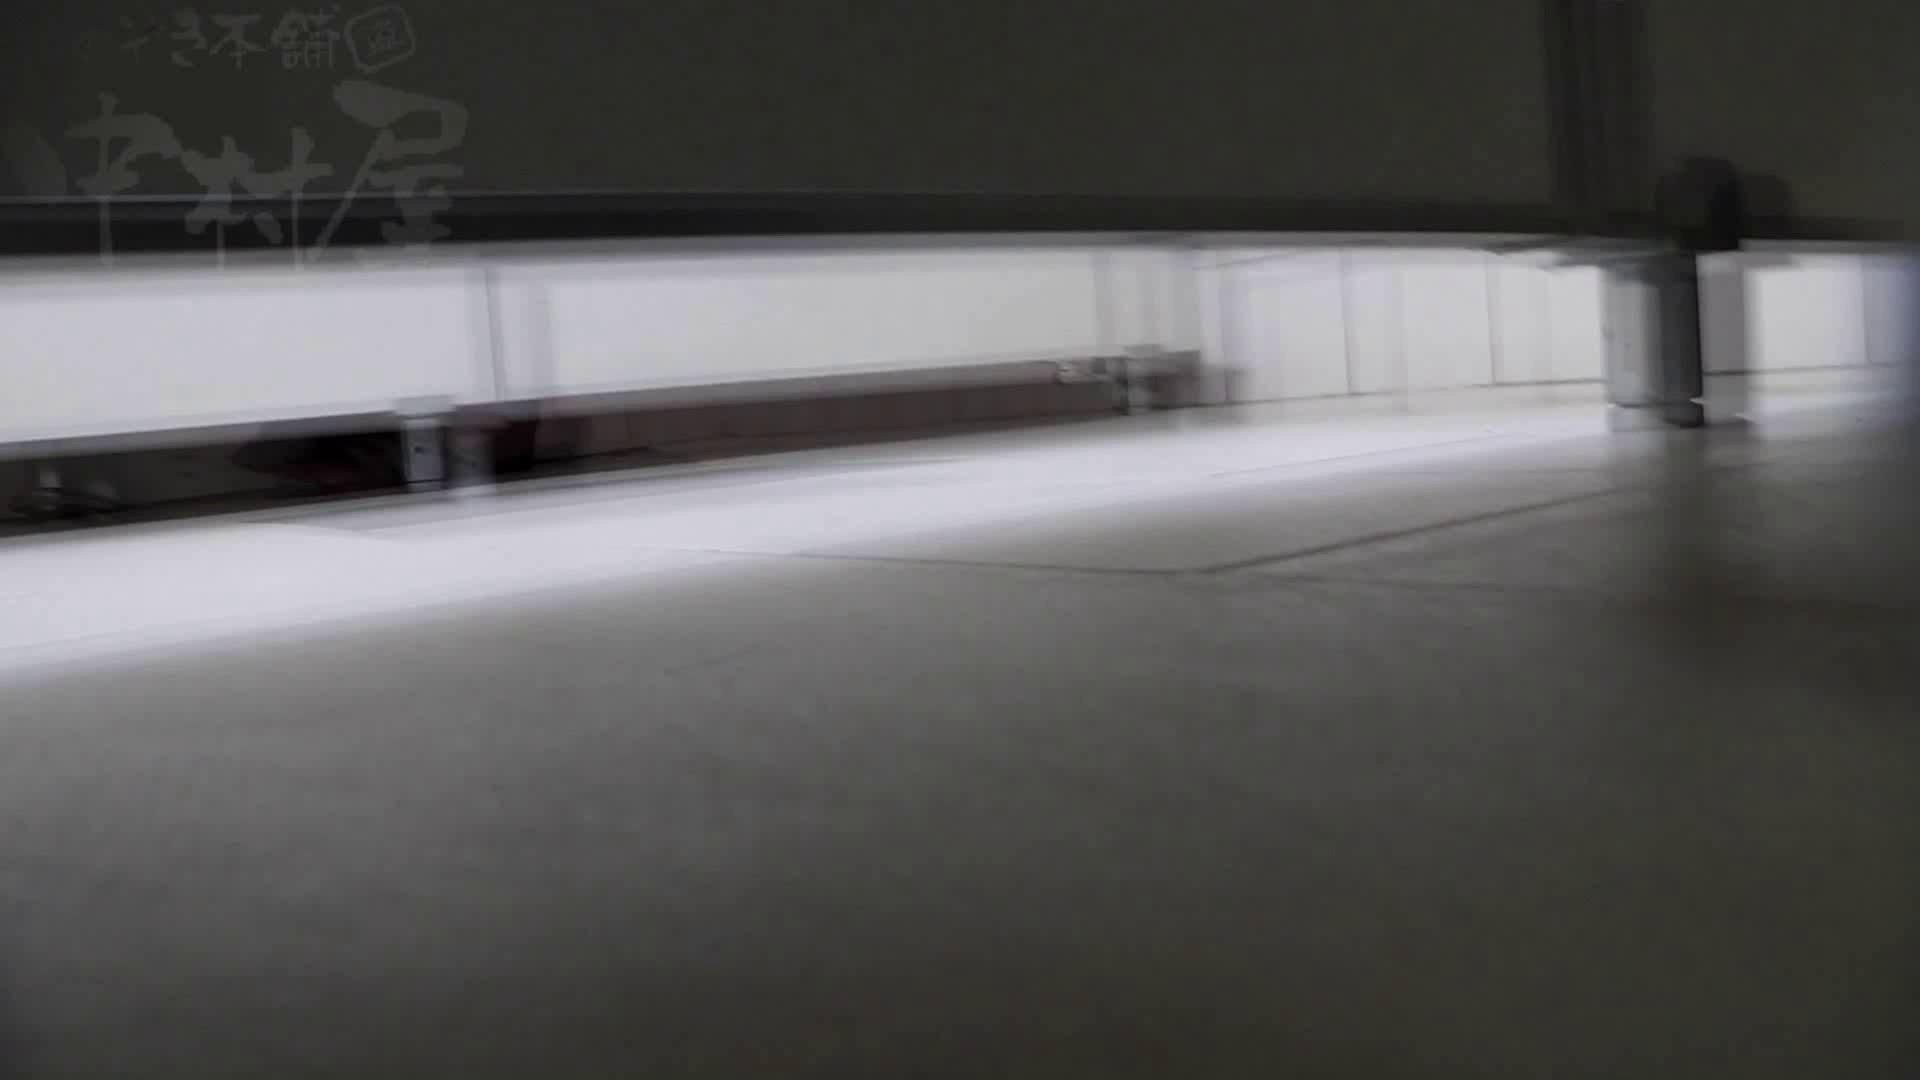 美しい日本の未来 No.06 更に侵入フロント究極な画質 盗撮 戯れ無修正画像 104枚 20